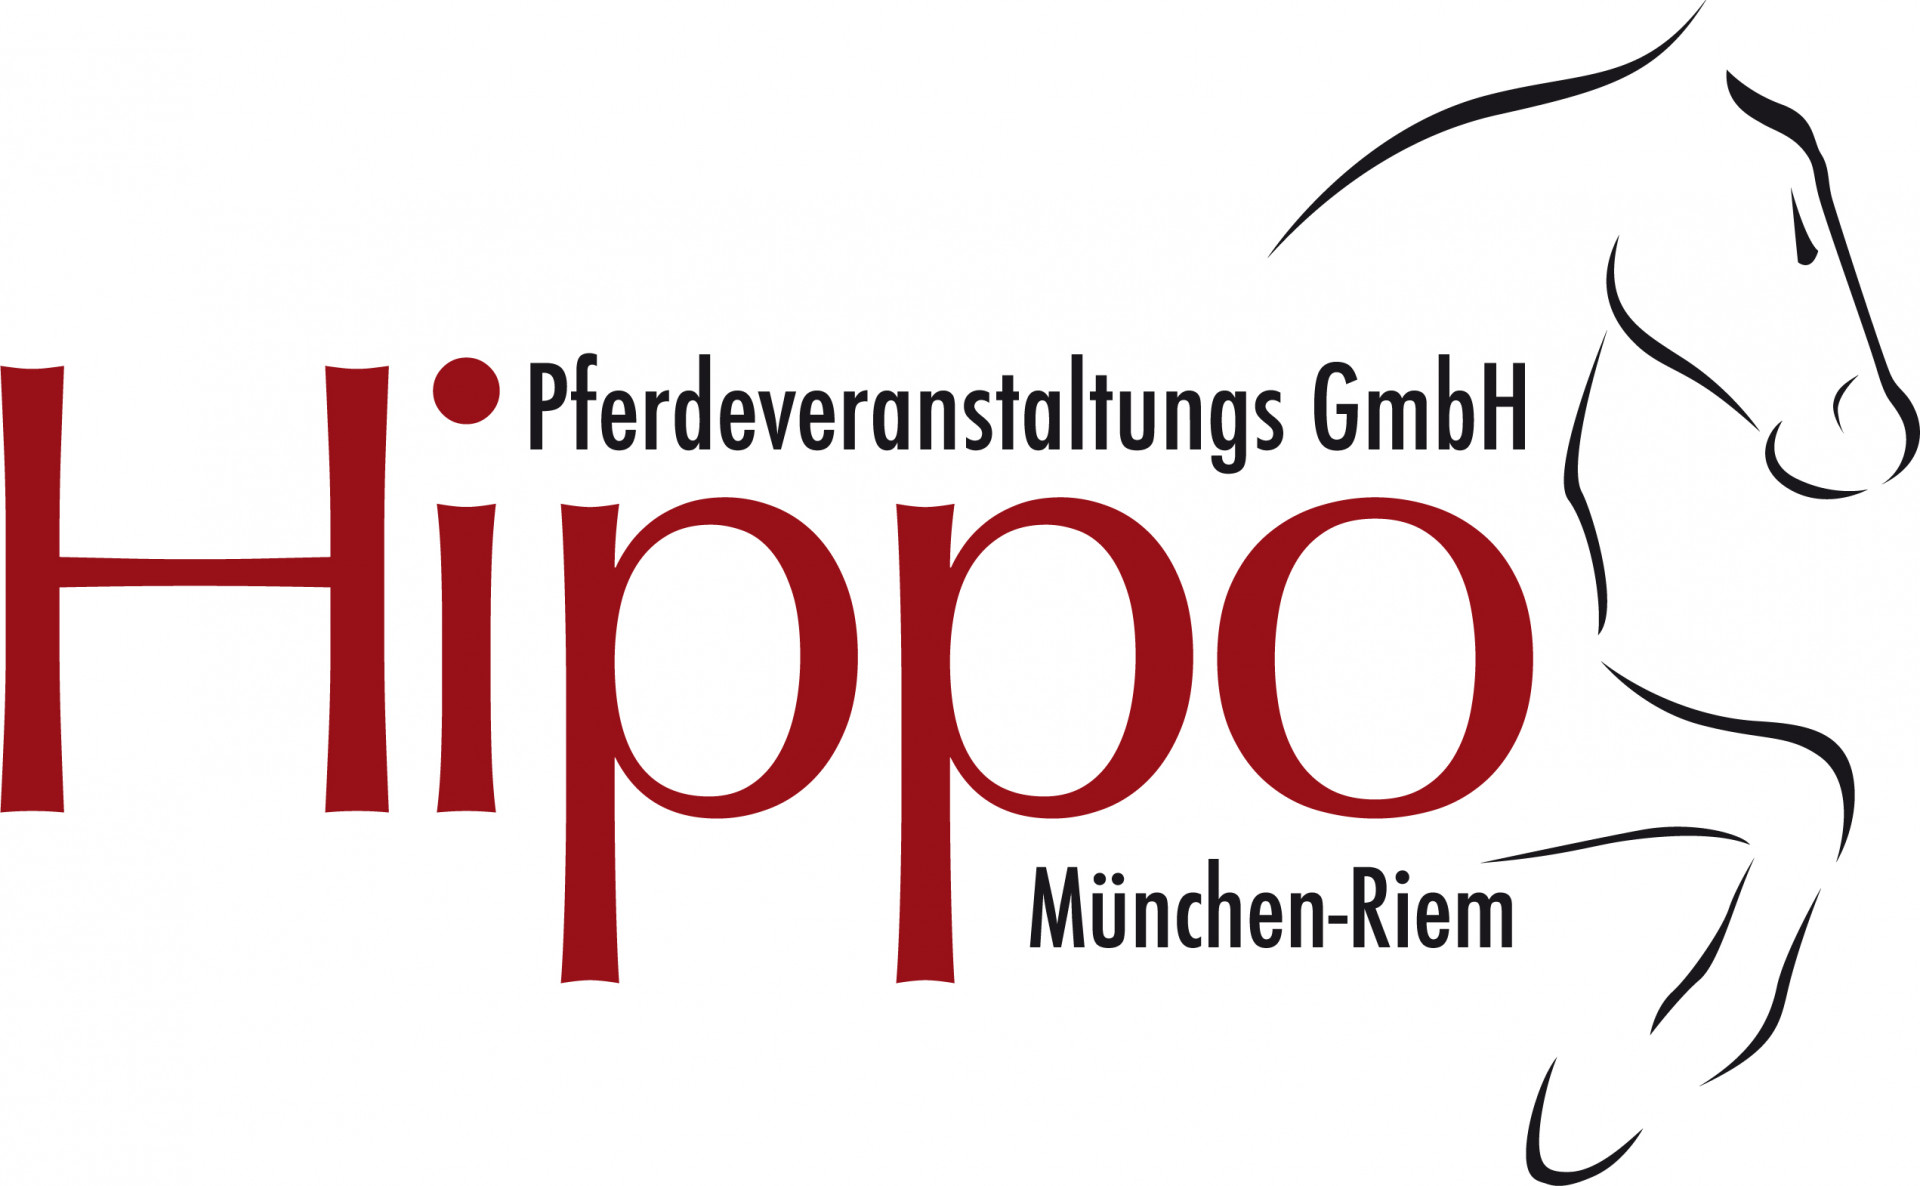 Die Agentur für Pferdeveranstaltungen in München